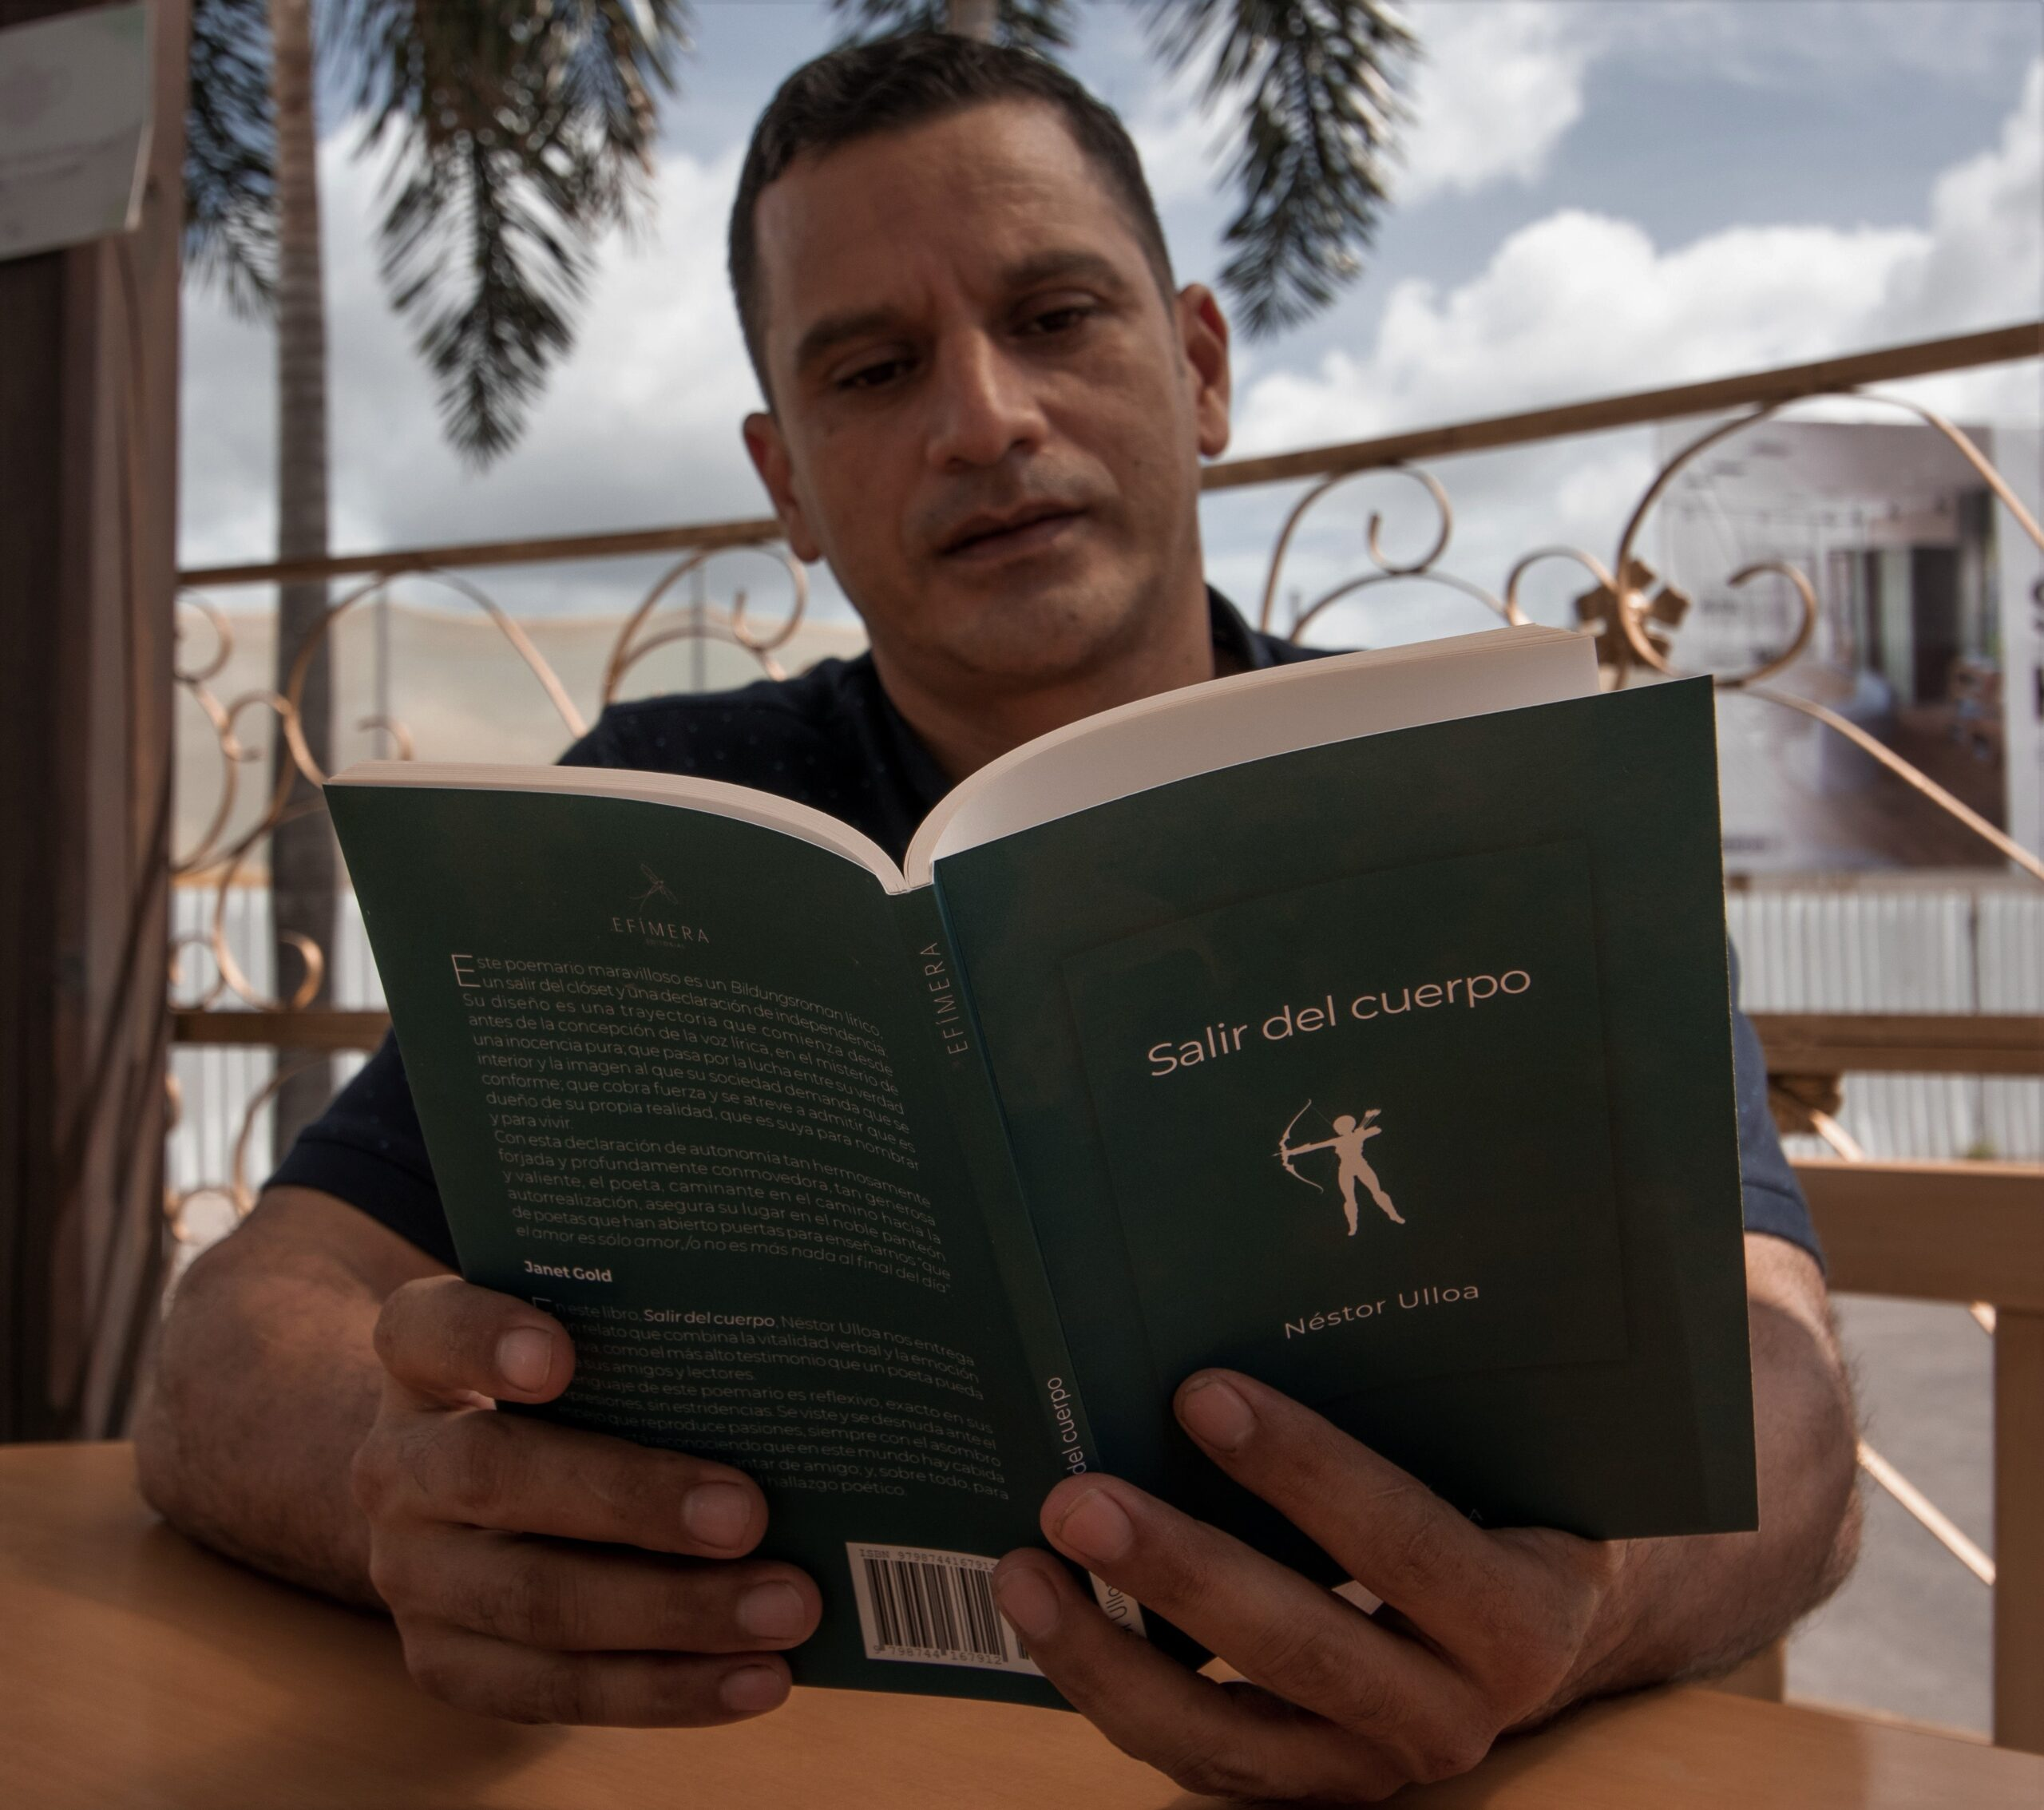 """Poeta hondureño Néstor Ulloa y su nueva obra """"Salir del cuerpo"""""""